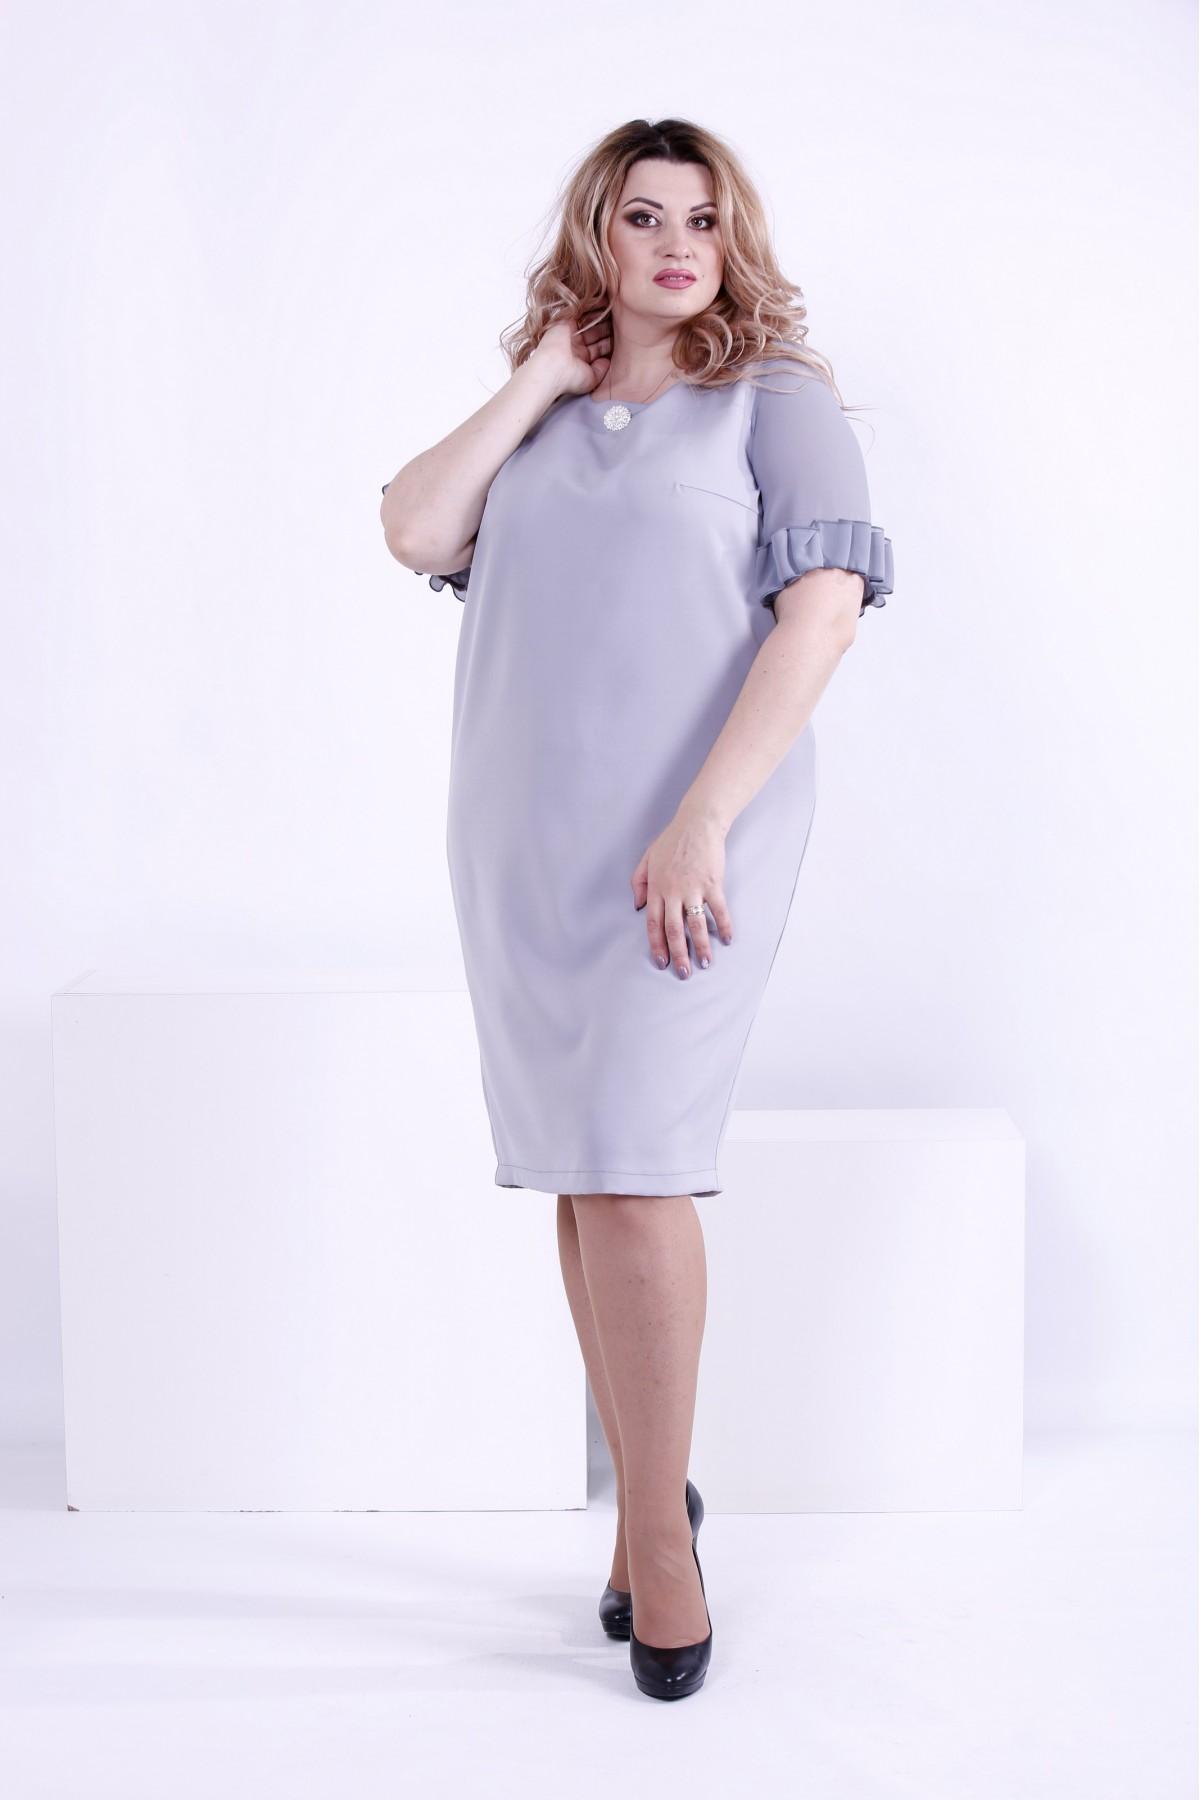 Купити Сіре ніжне плаття на кожен день  fb93a9c424904